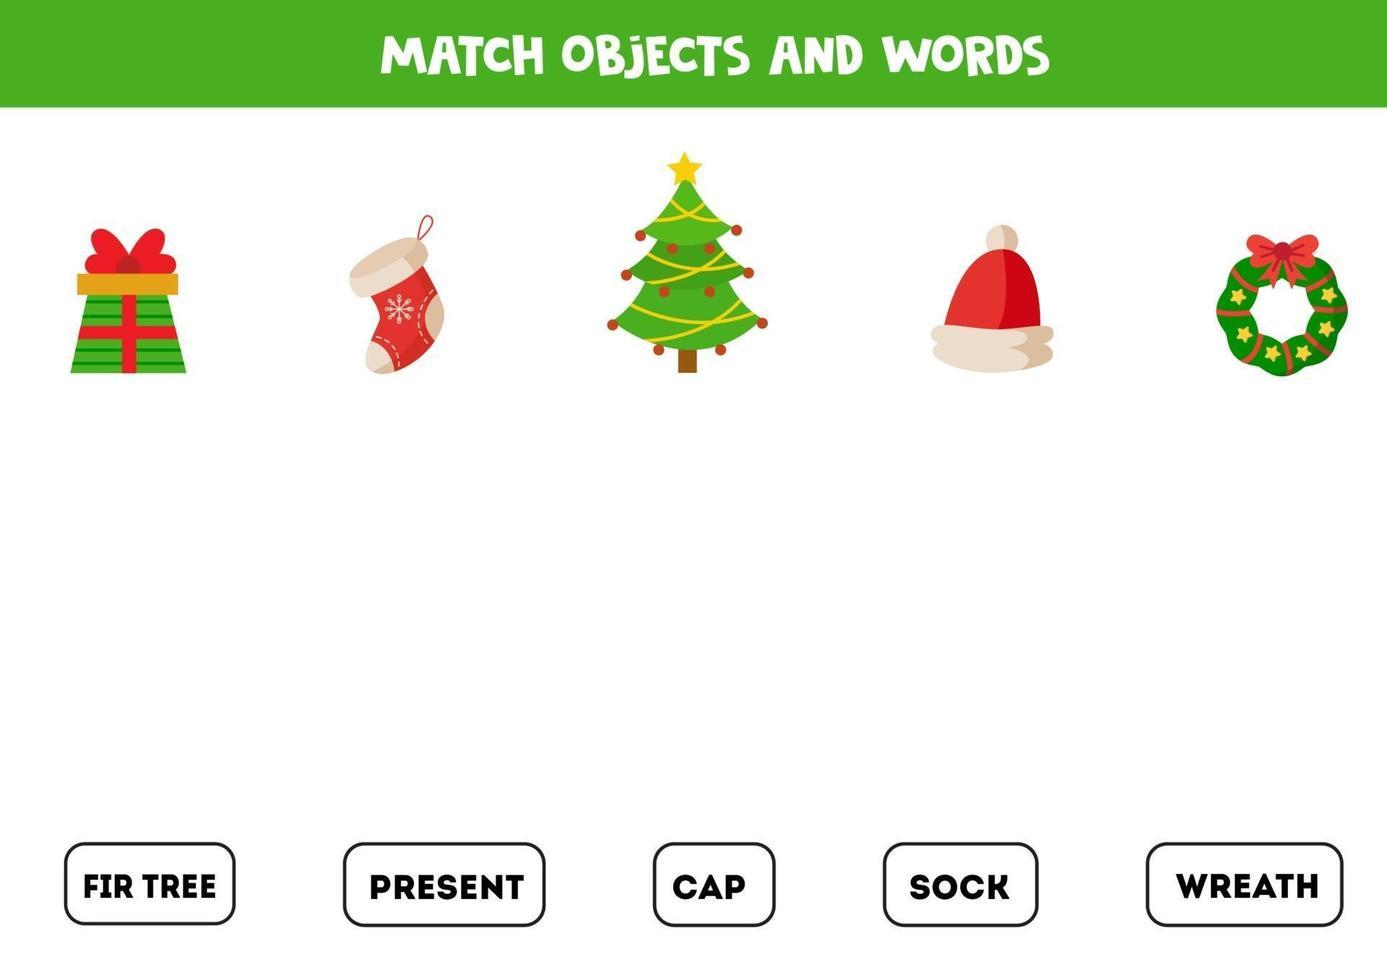 gioco di abbinamento. collegare le parole con le immagini. gioco logico a tema natalizio. vettore